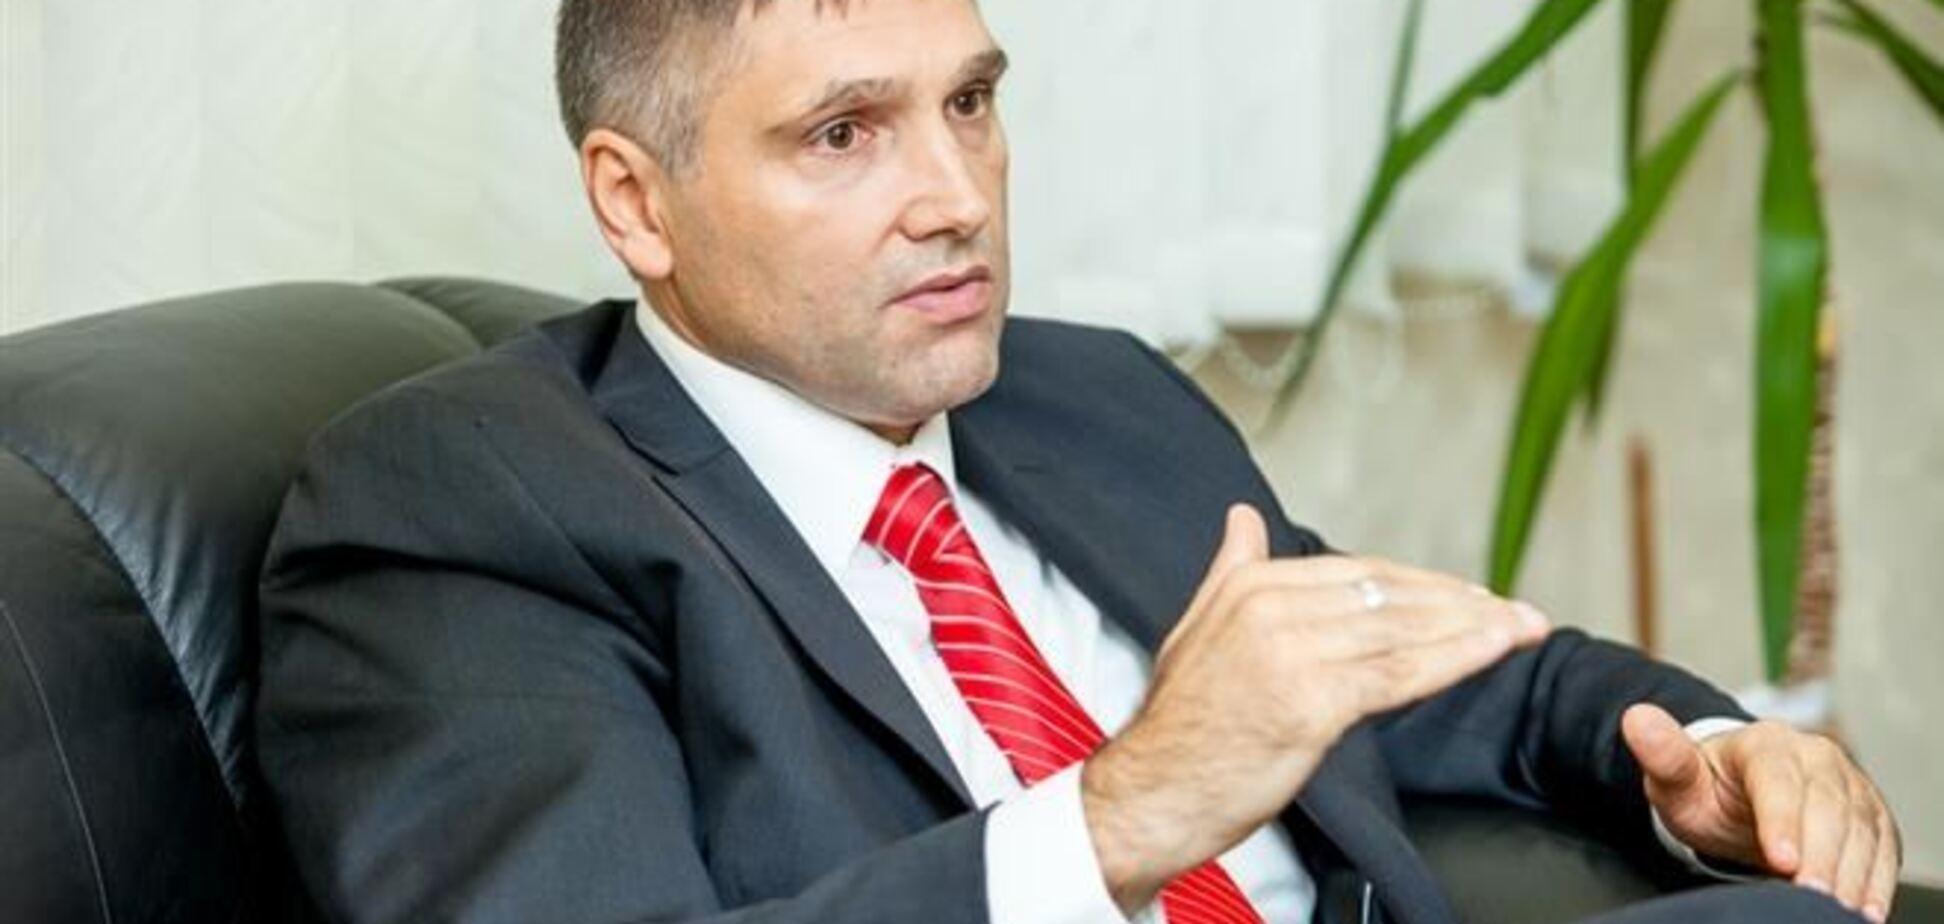 Экс-регионал выступает против федерализации Украины